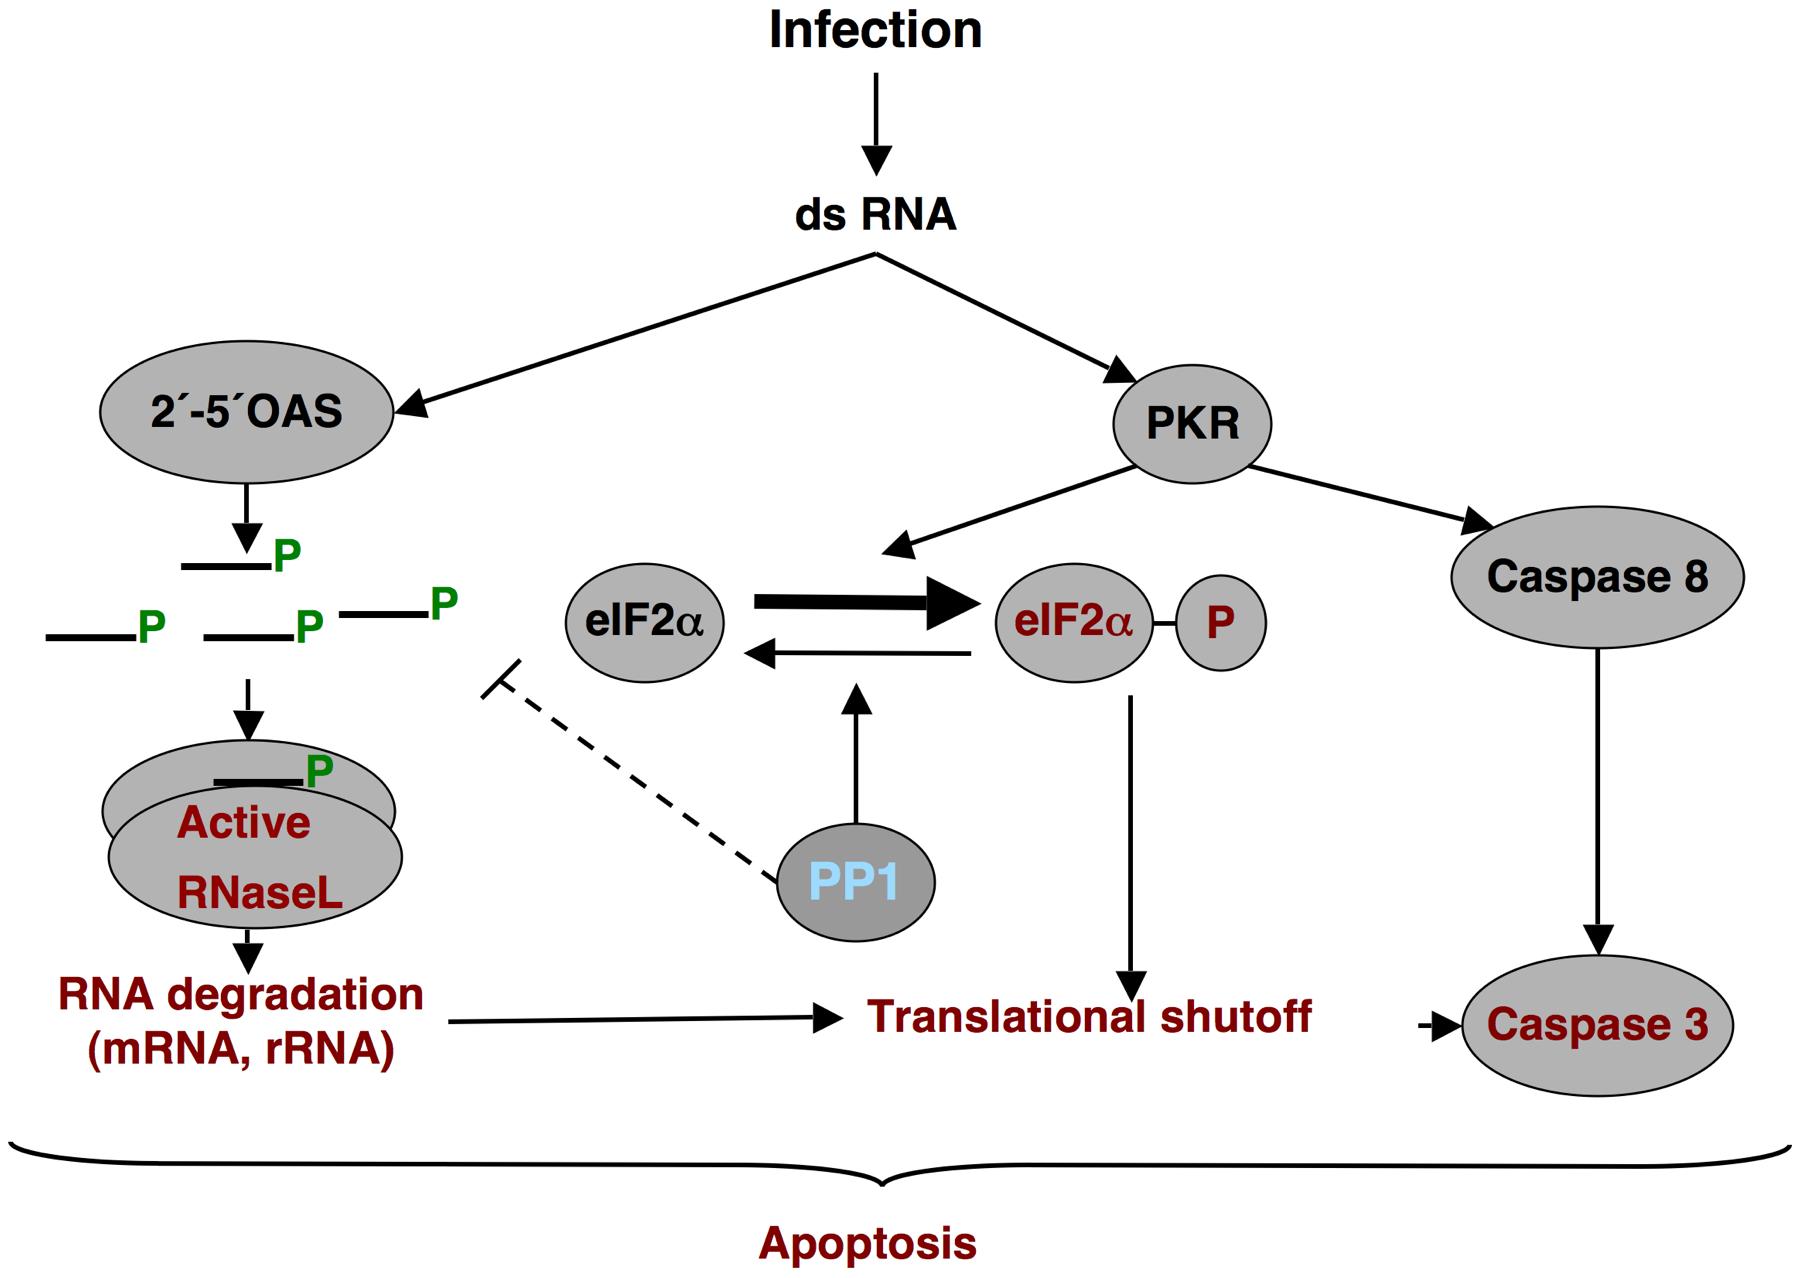 dsRNA induced antiviral pathway.